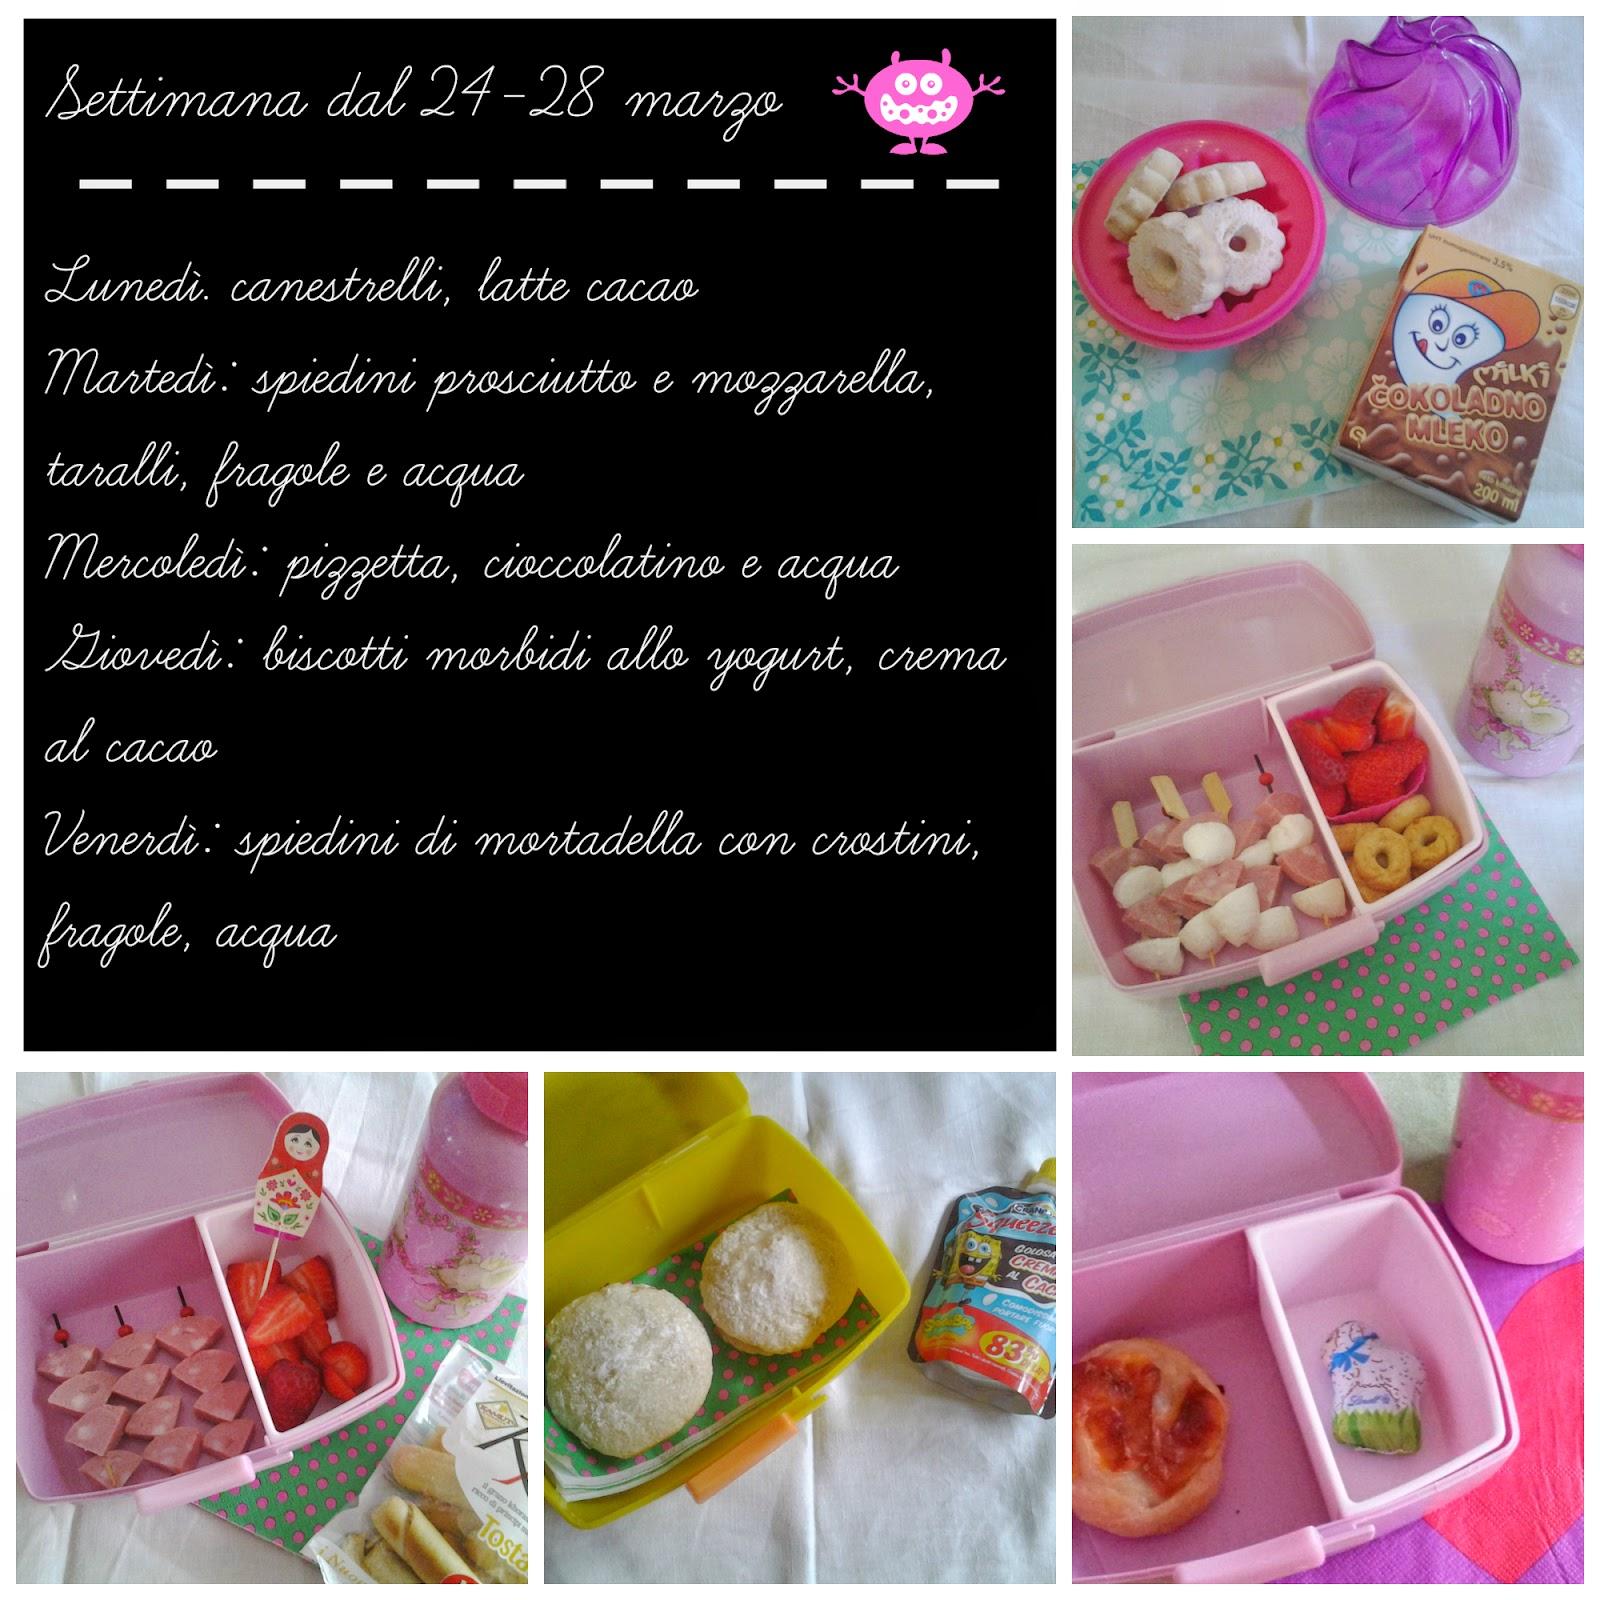 http://www.colazionialetto.com/2014/04/lemerendedicamilla-dal-24-28-marzo.html